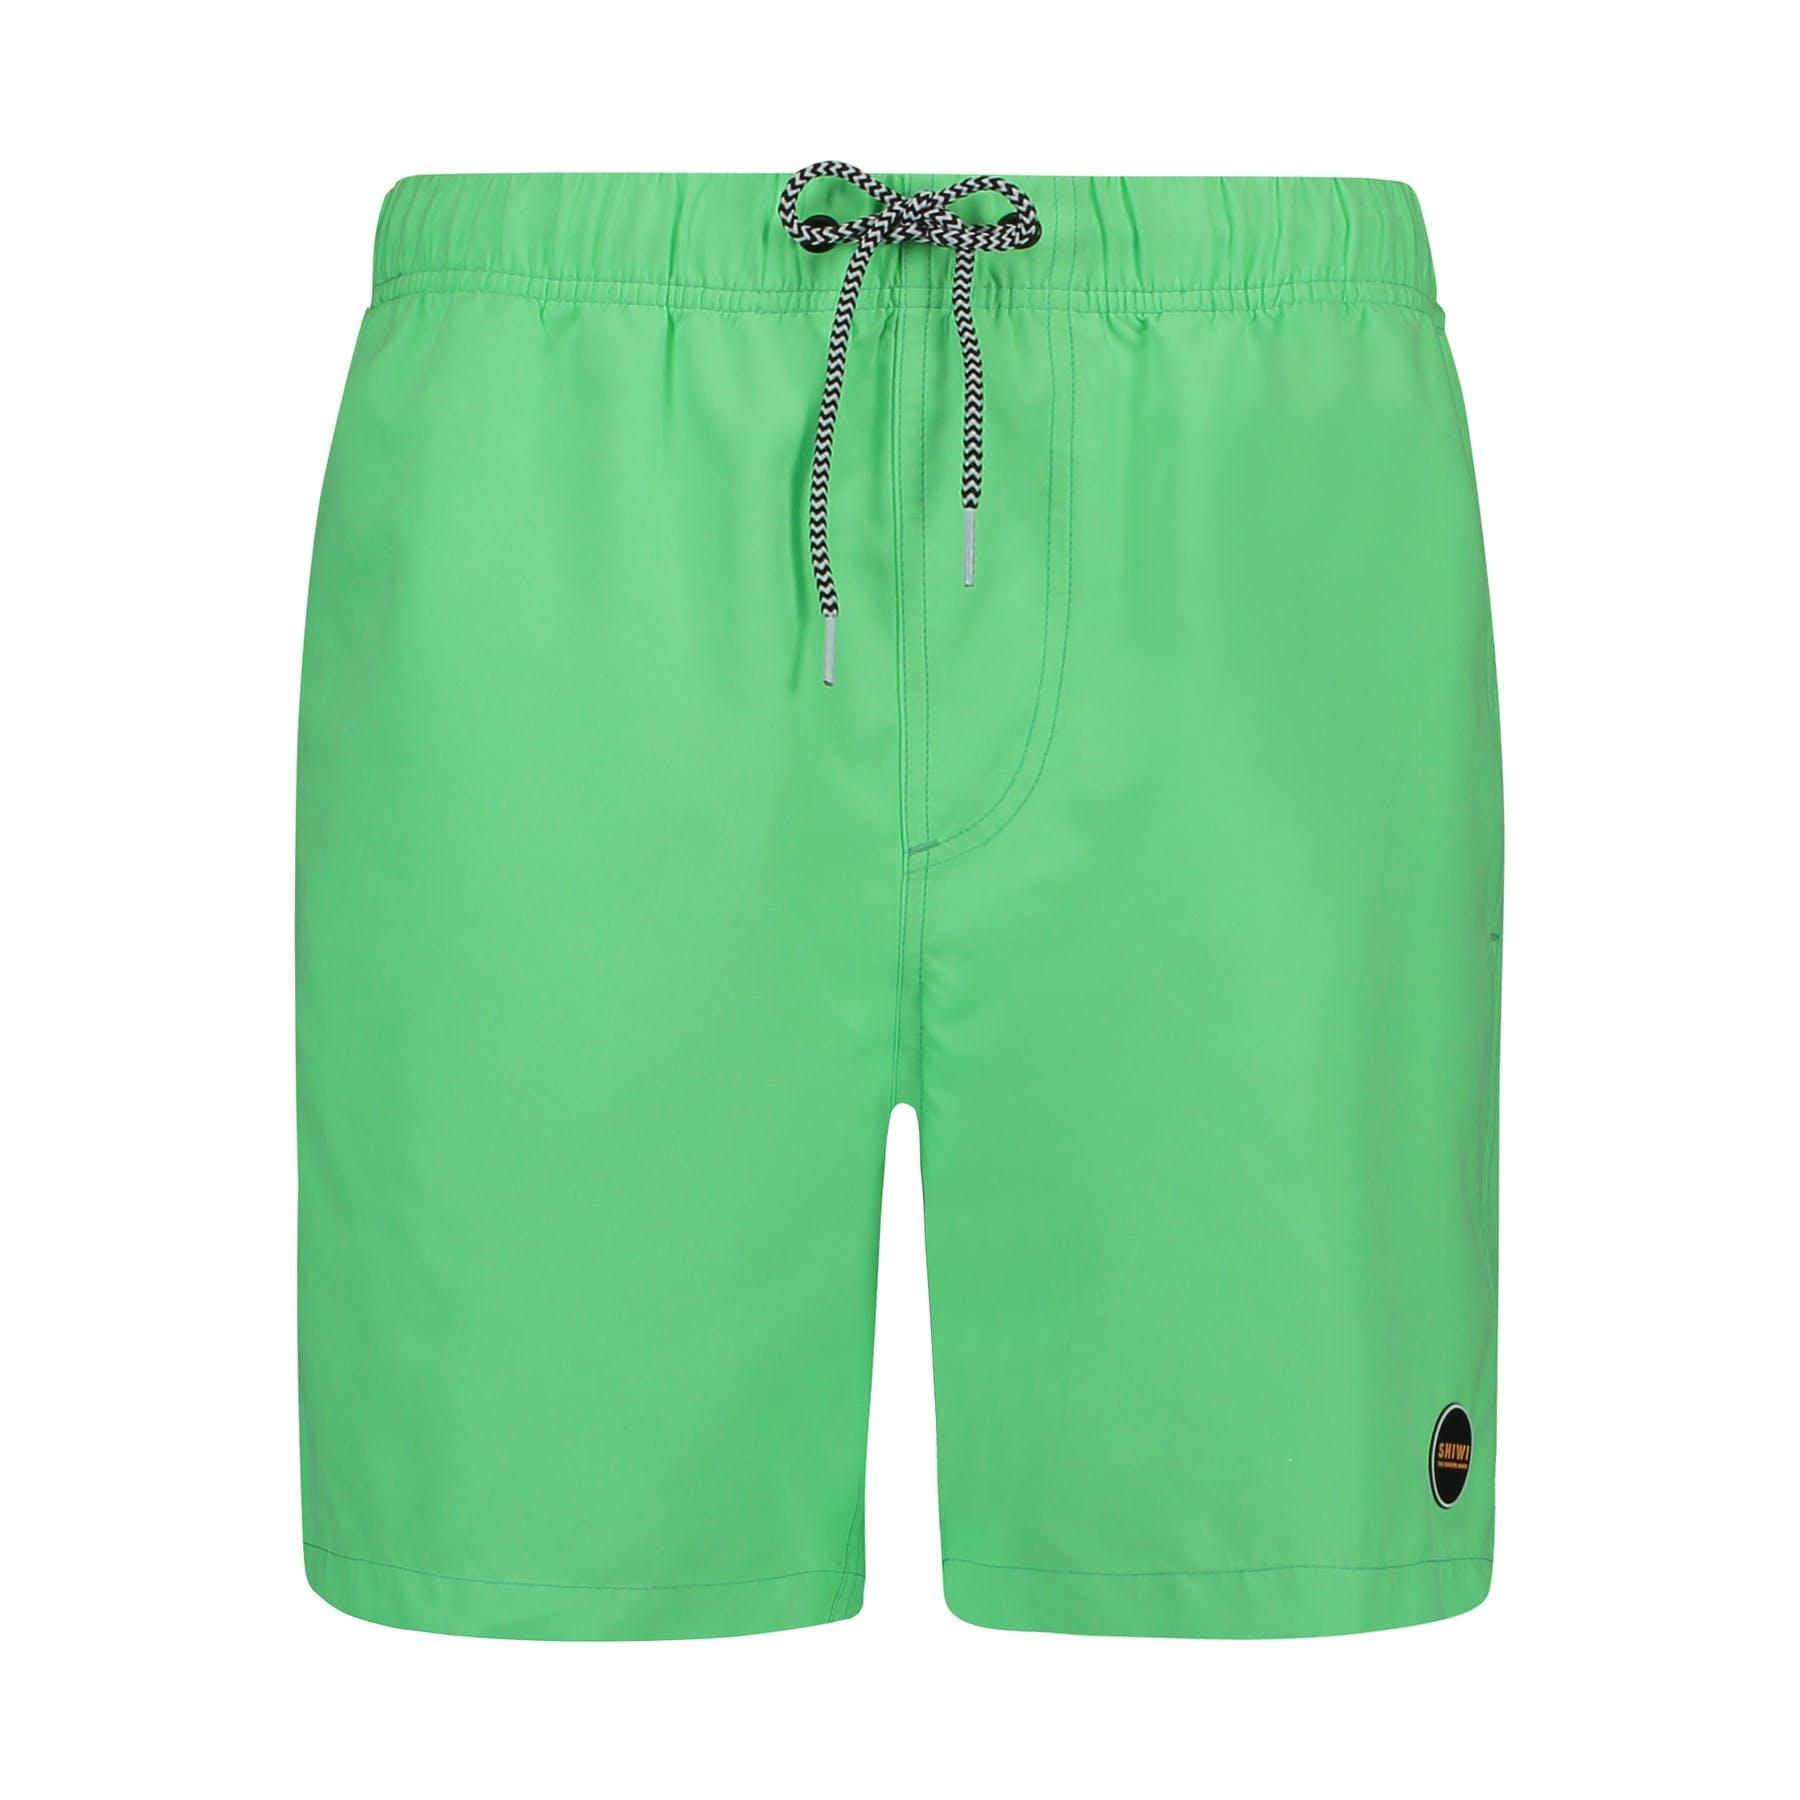 SHIWI Shiwi Mike Solid Swim Short Neon Green